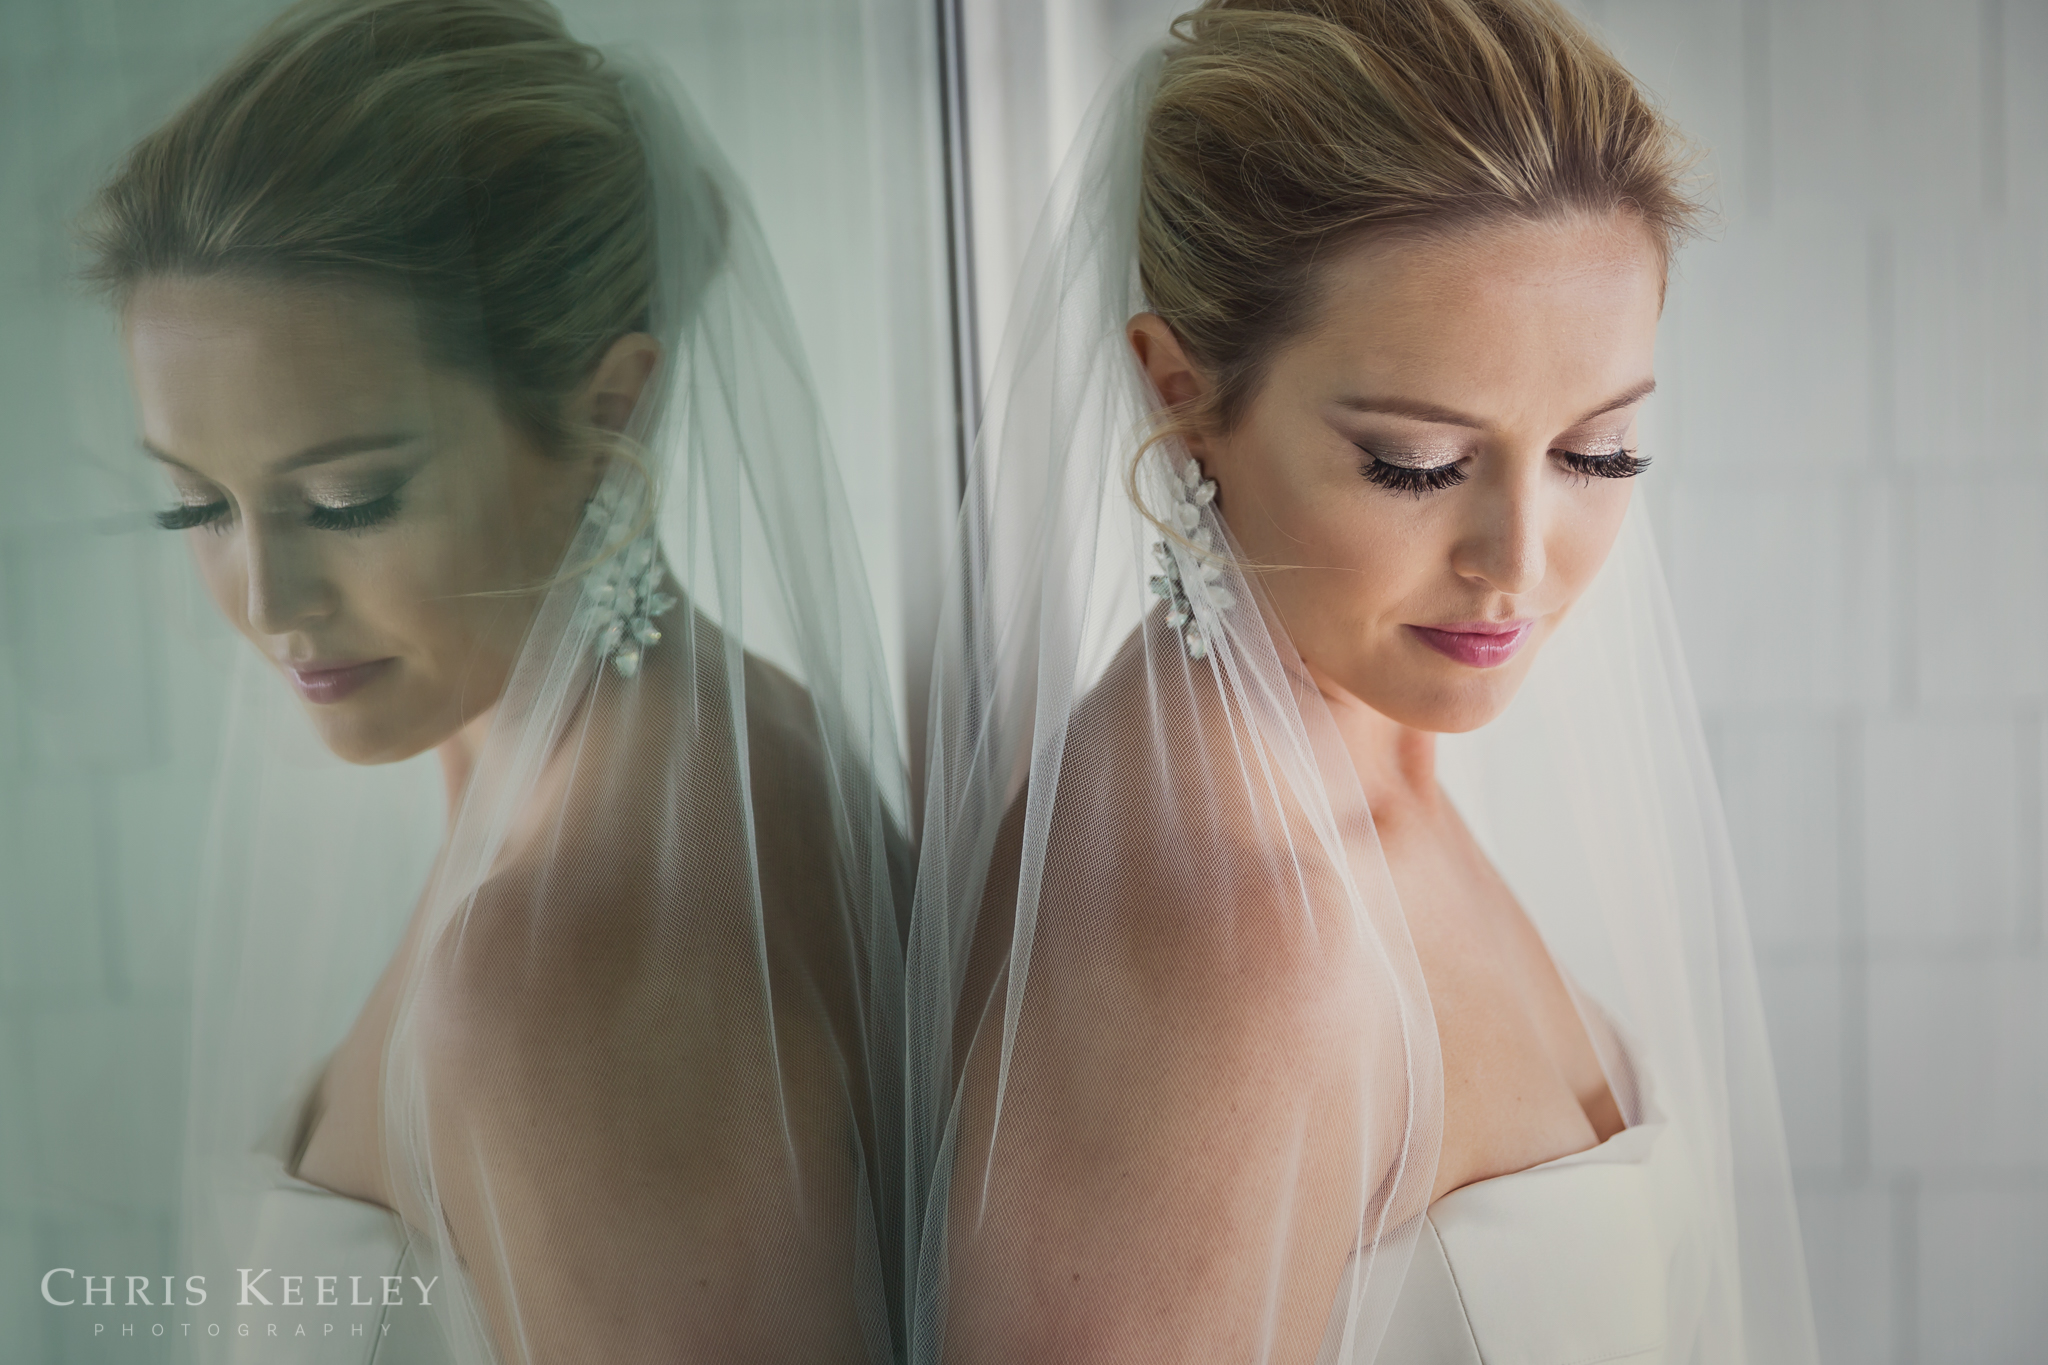 cliff-house-maine-wedding-photographer-chris-keeley-24.jpg